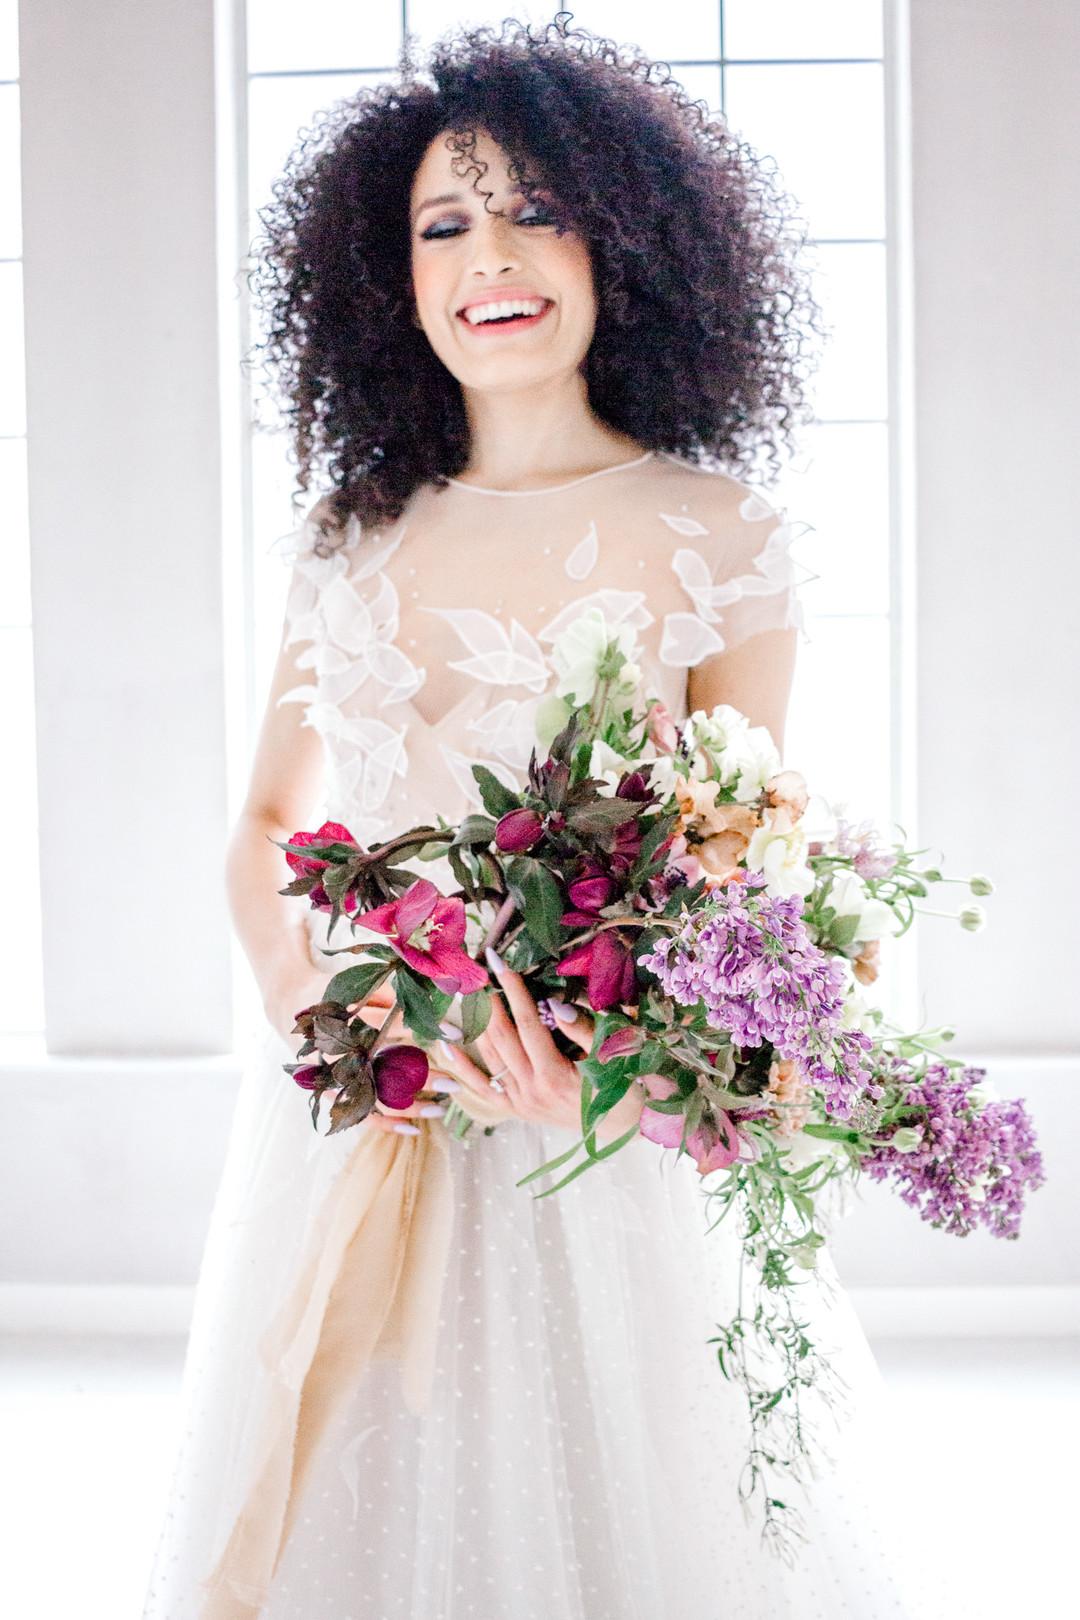 bröllop+inspiration+blogg+minimalistiskt